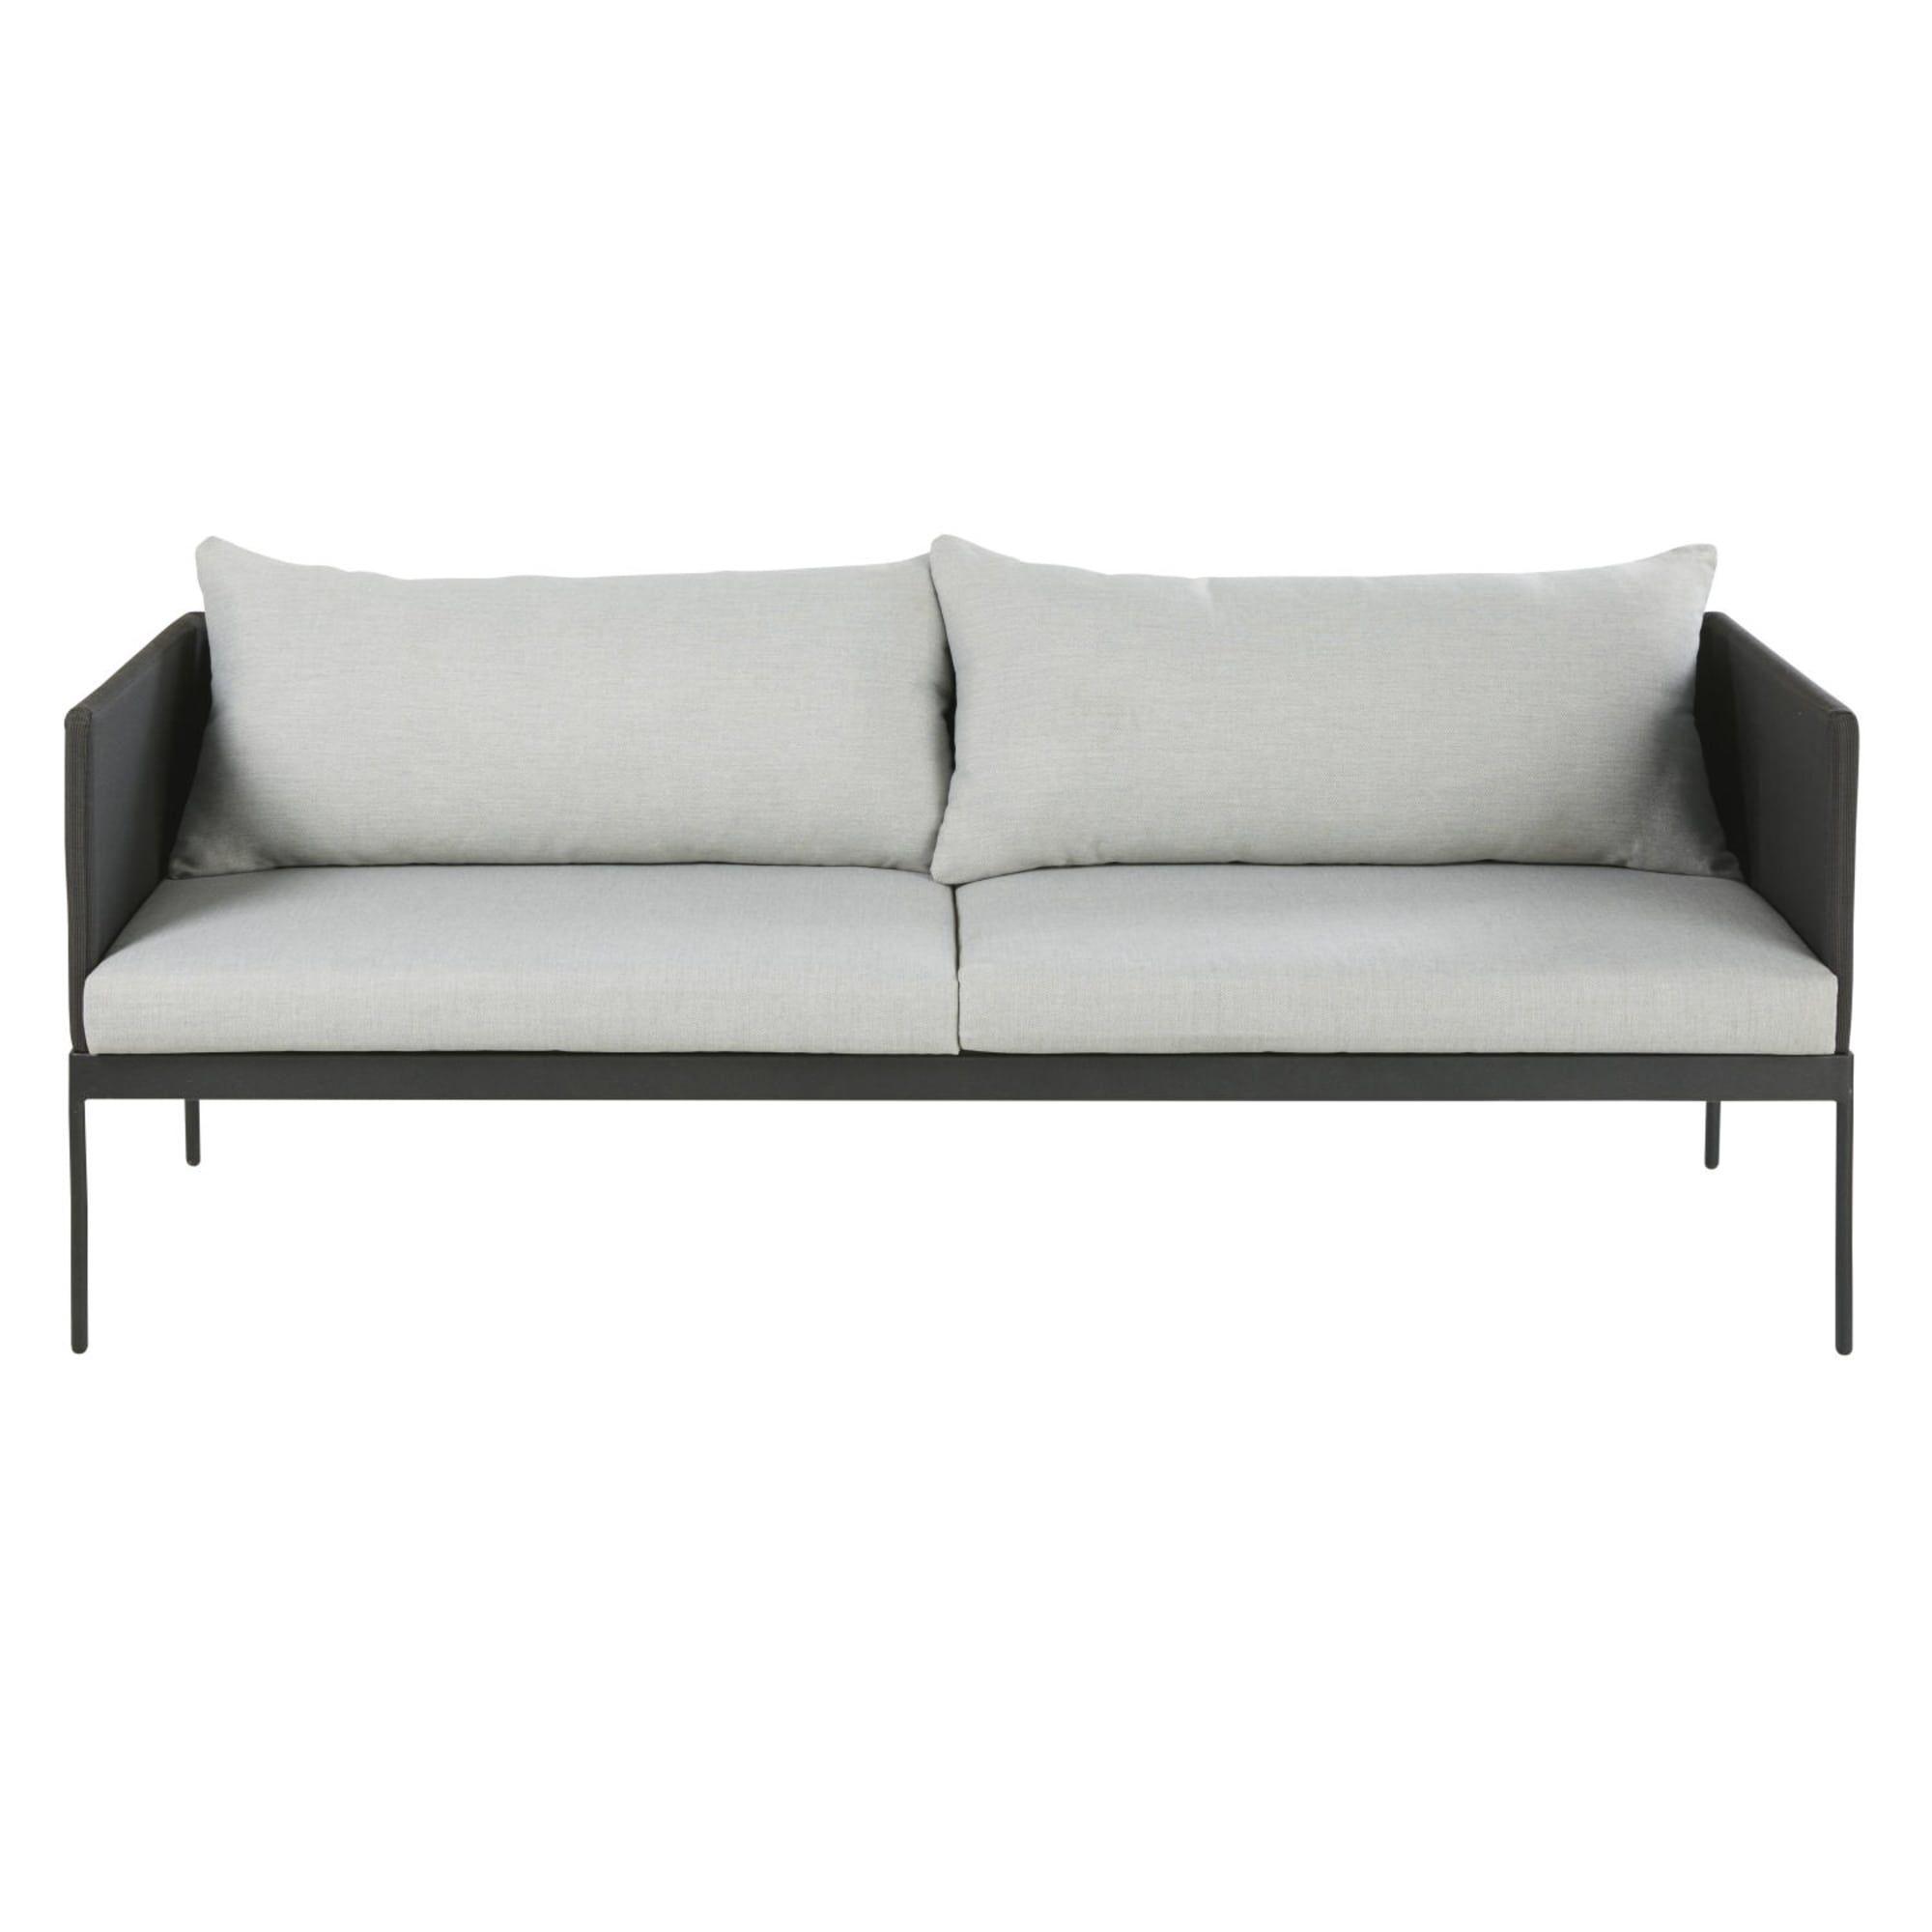 Gartensofa Mit 2 3 Sitzen Aus Schwarzem Laminiertem Segeltuch Und Grauem Segeltuch Avola Gartensofa Sofa Sitzen